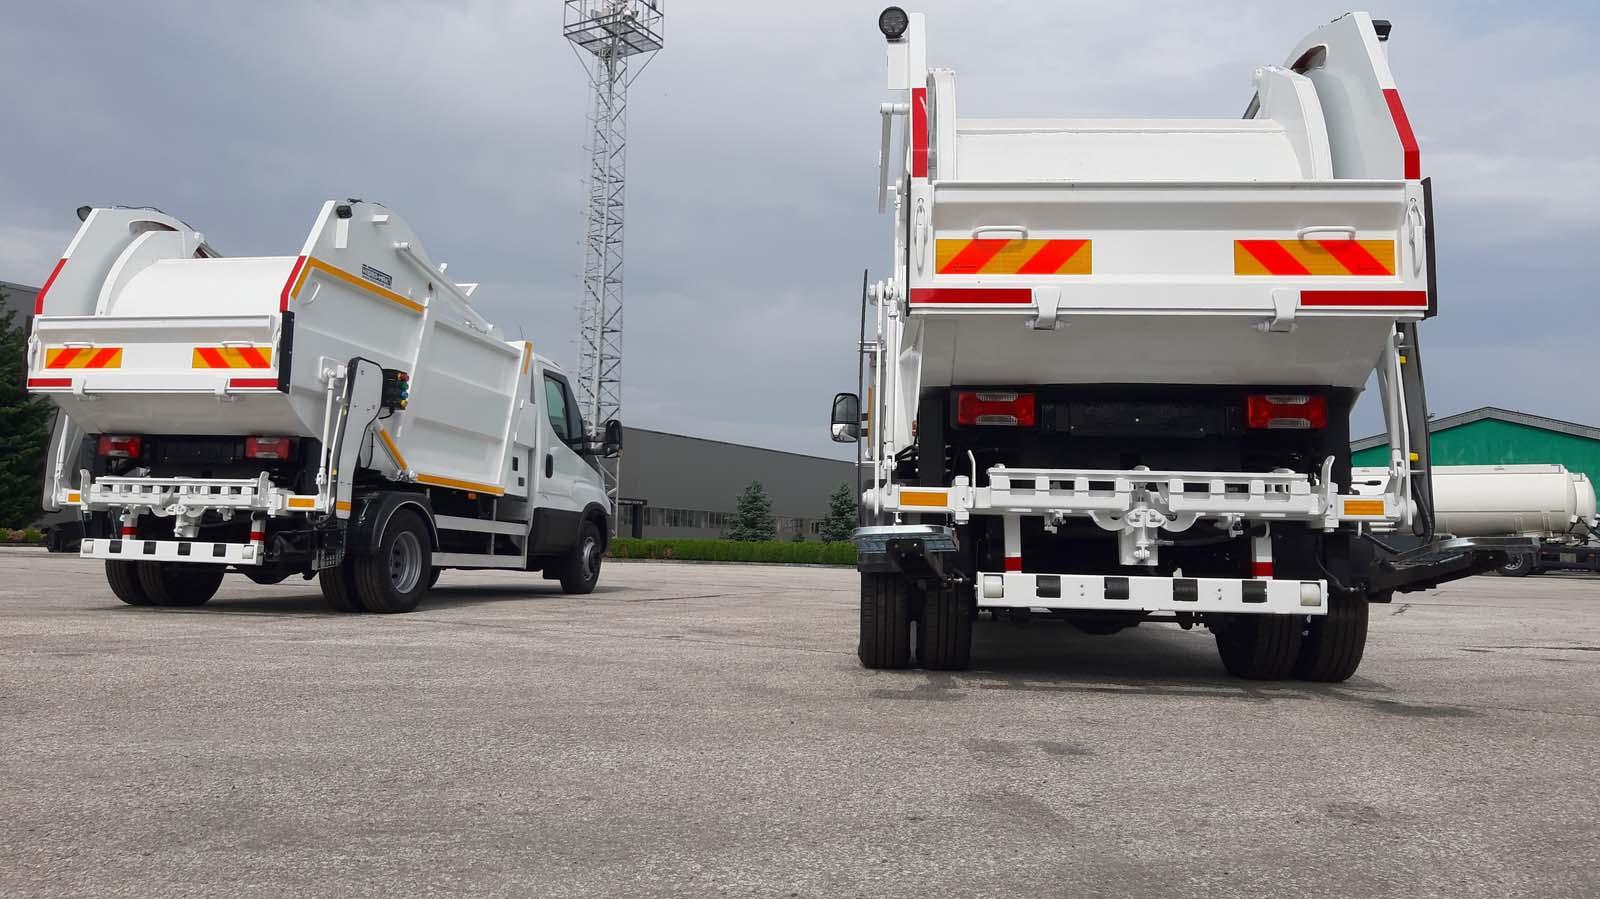 burgas-truck-service-upgrades-4